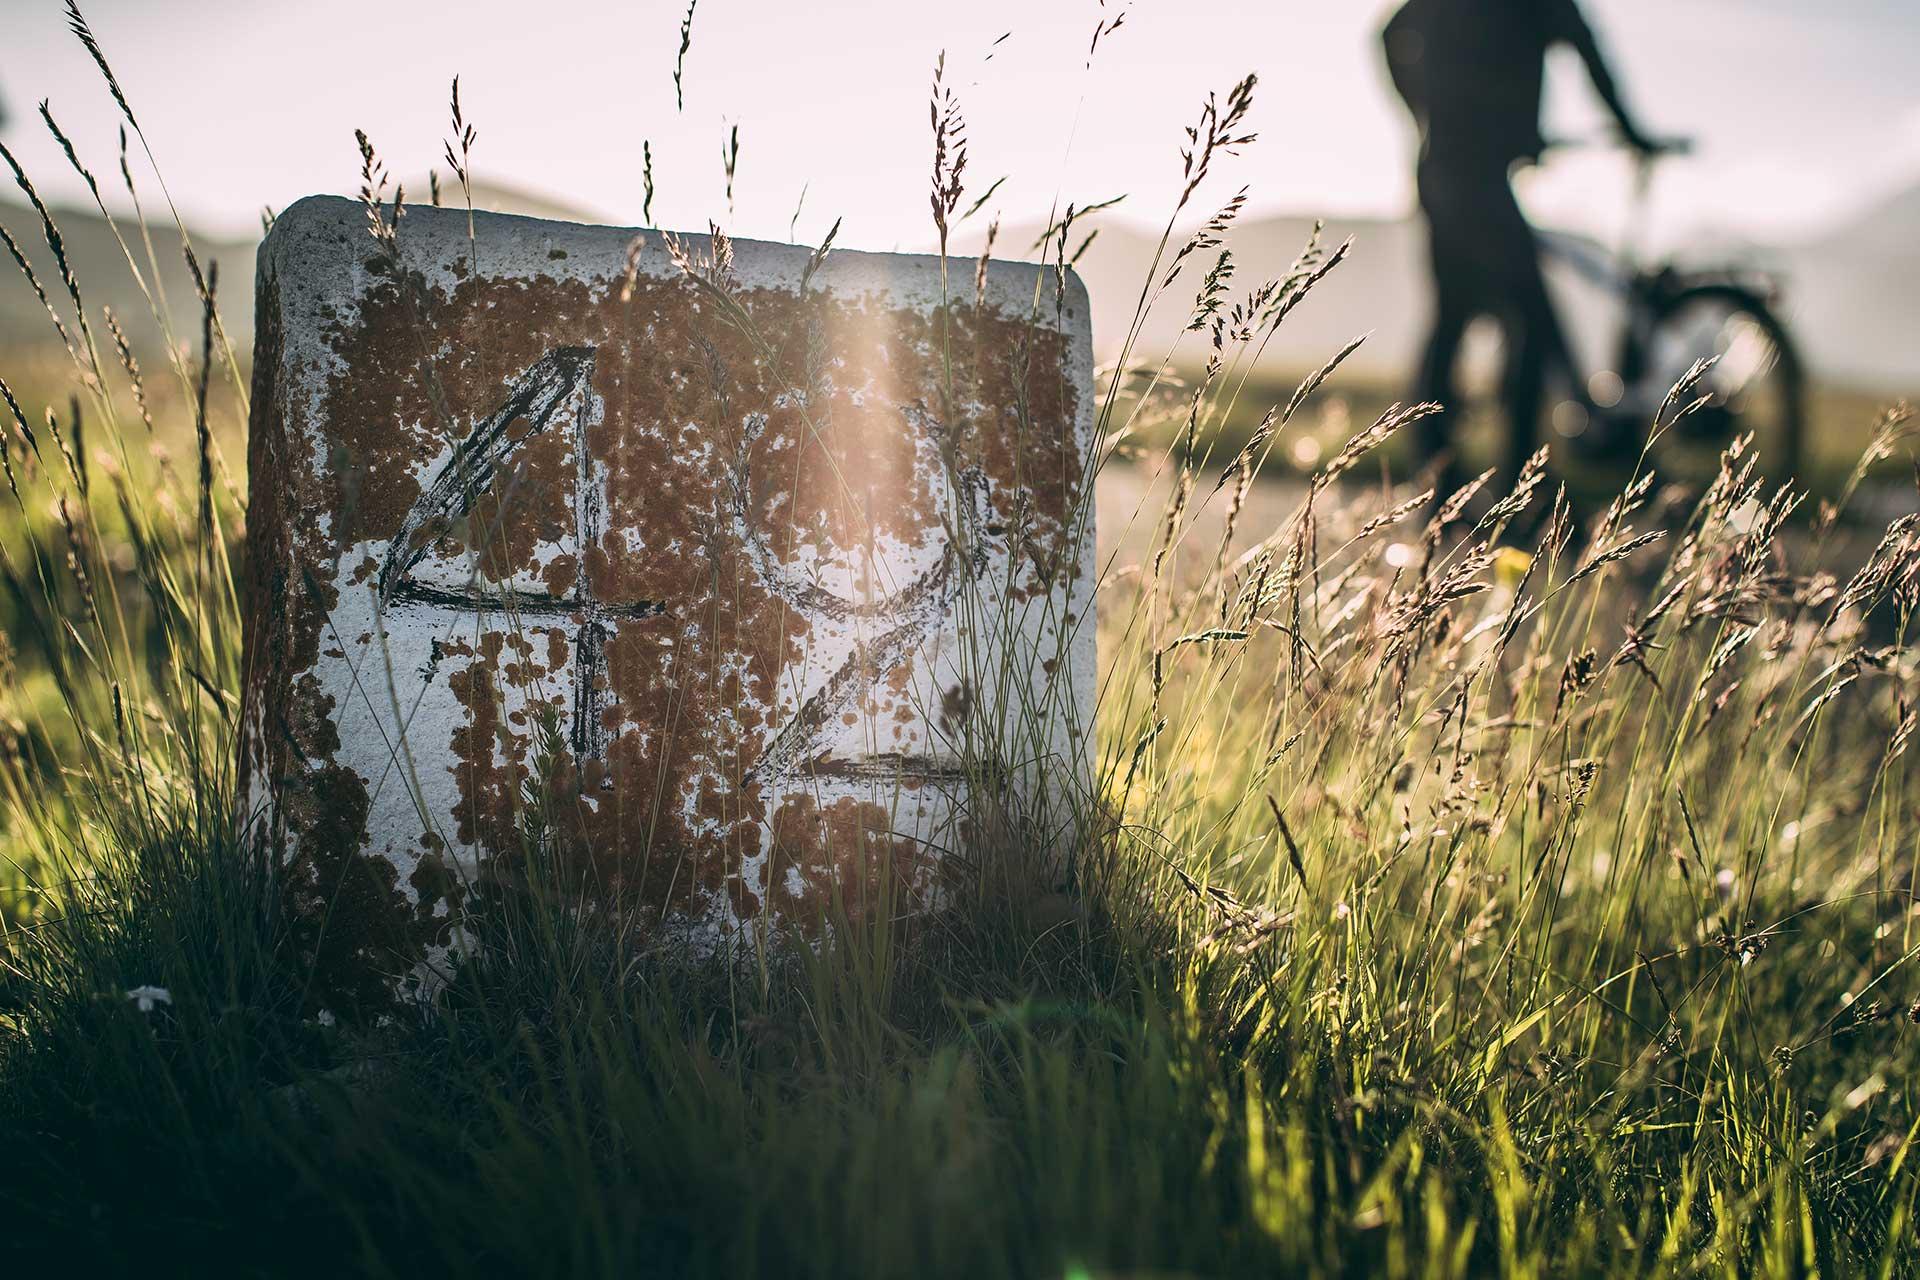 Meilenstein Ebike Fotograf Reisen Travel Fotoproduktion Michael Müller Lifestyle